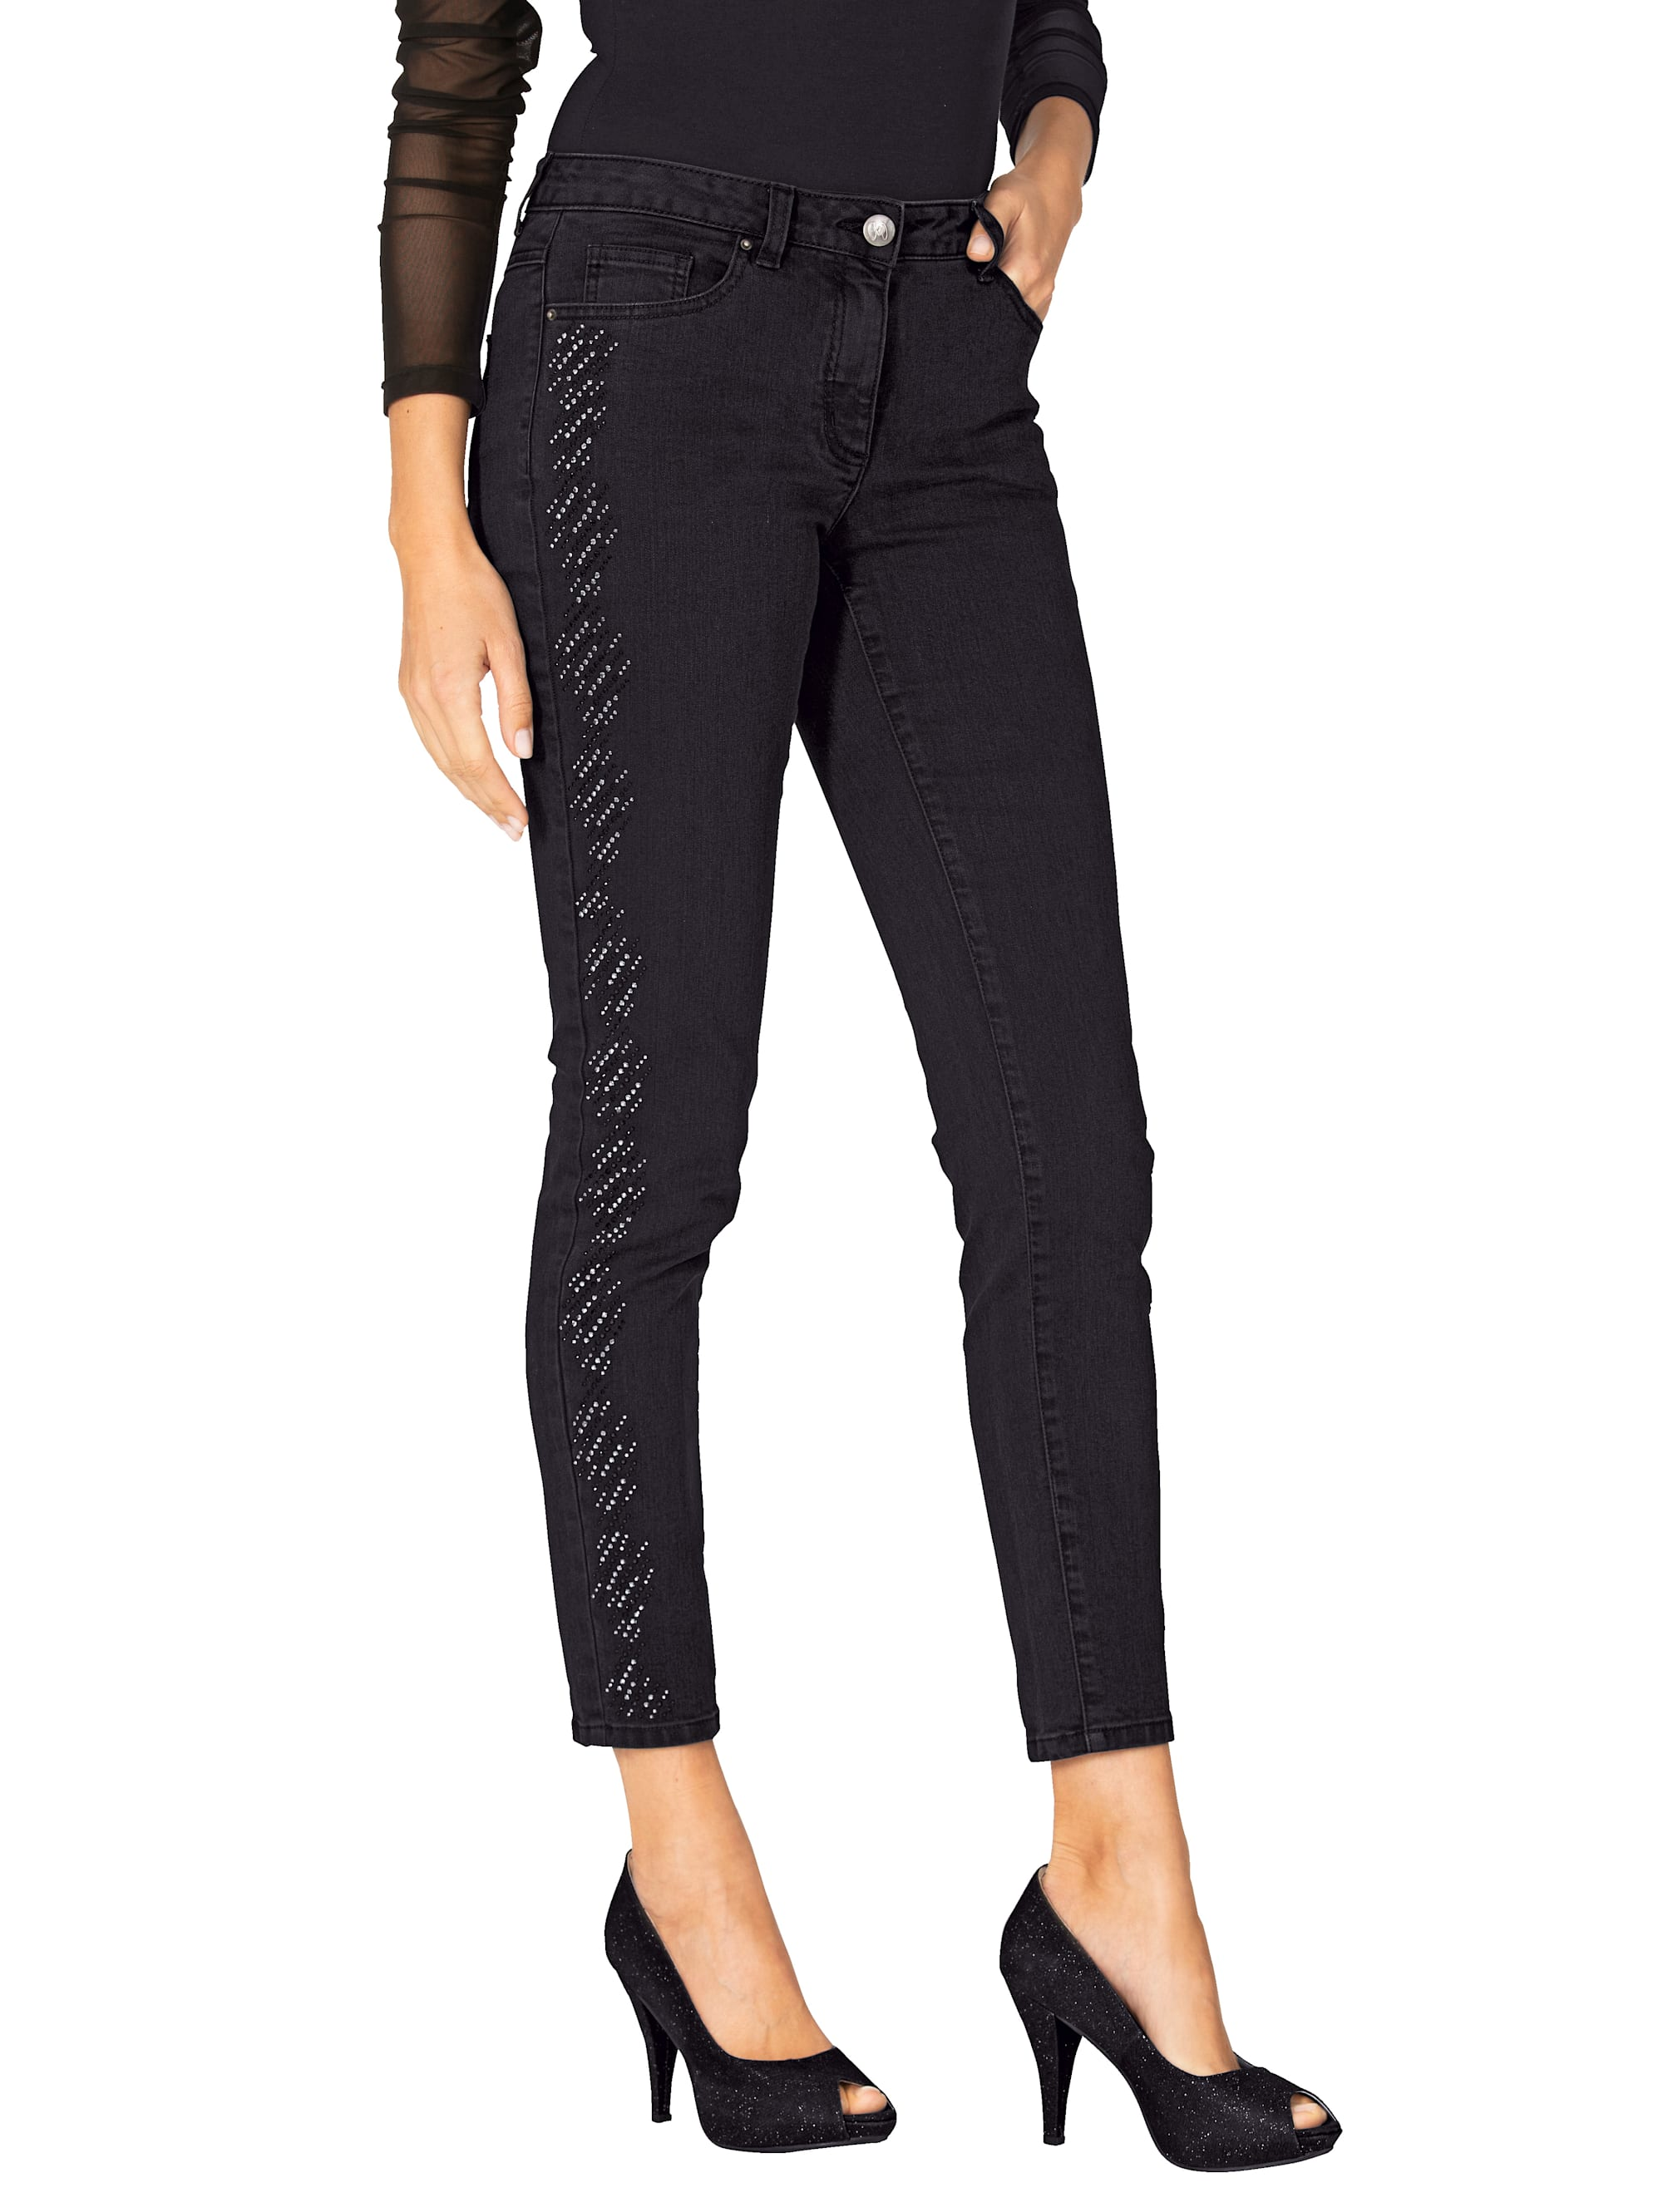 AMY VERMONT Jeans mit Strasssteindekoration W2pAQ DcSxv